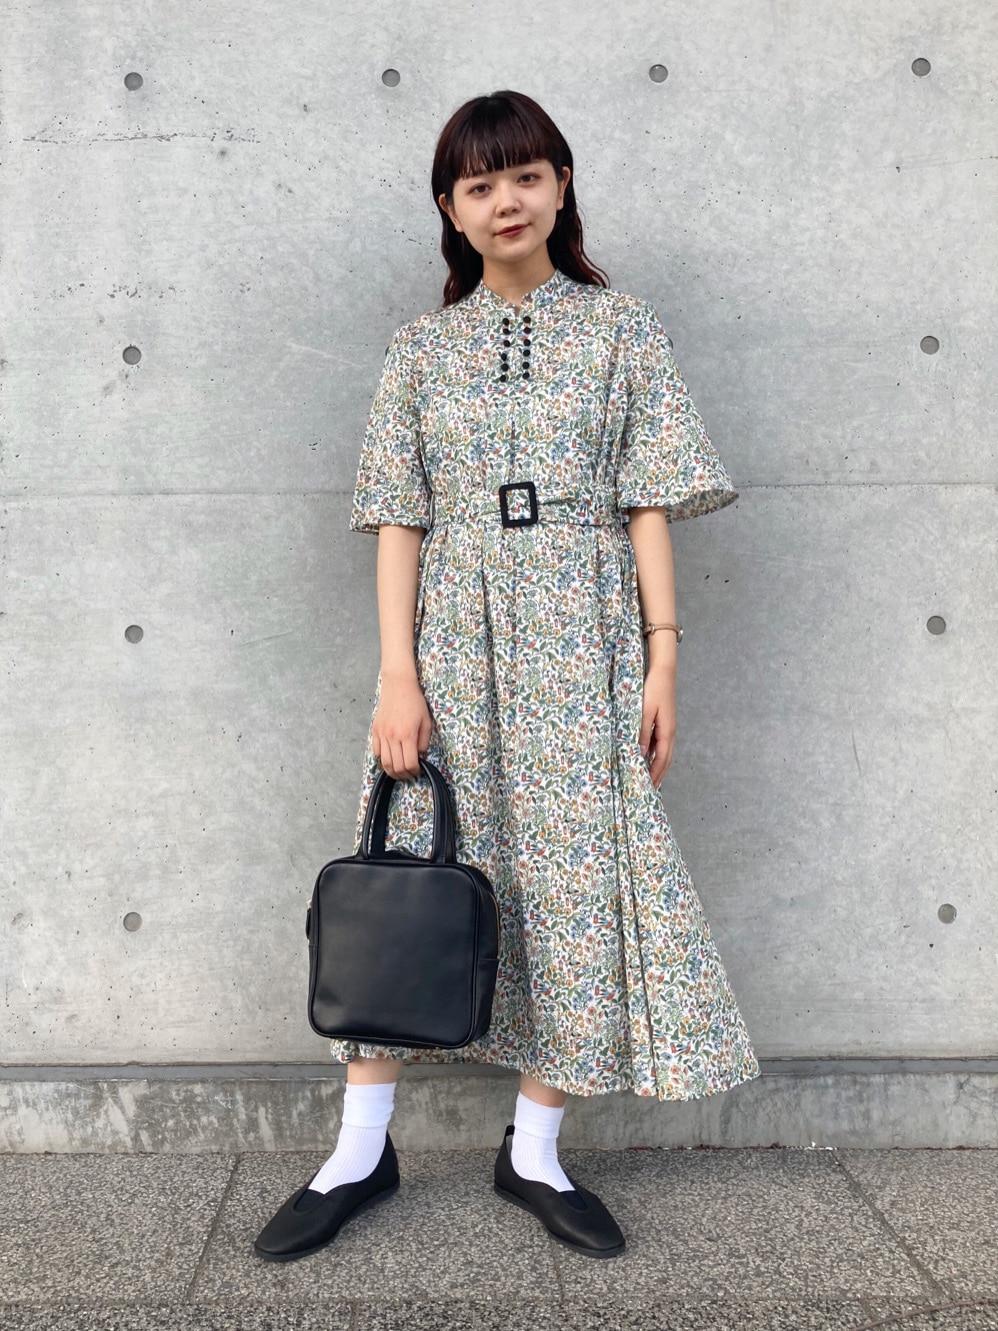 東京スカイツリータウン・ソラマチ 2020.09.09